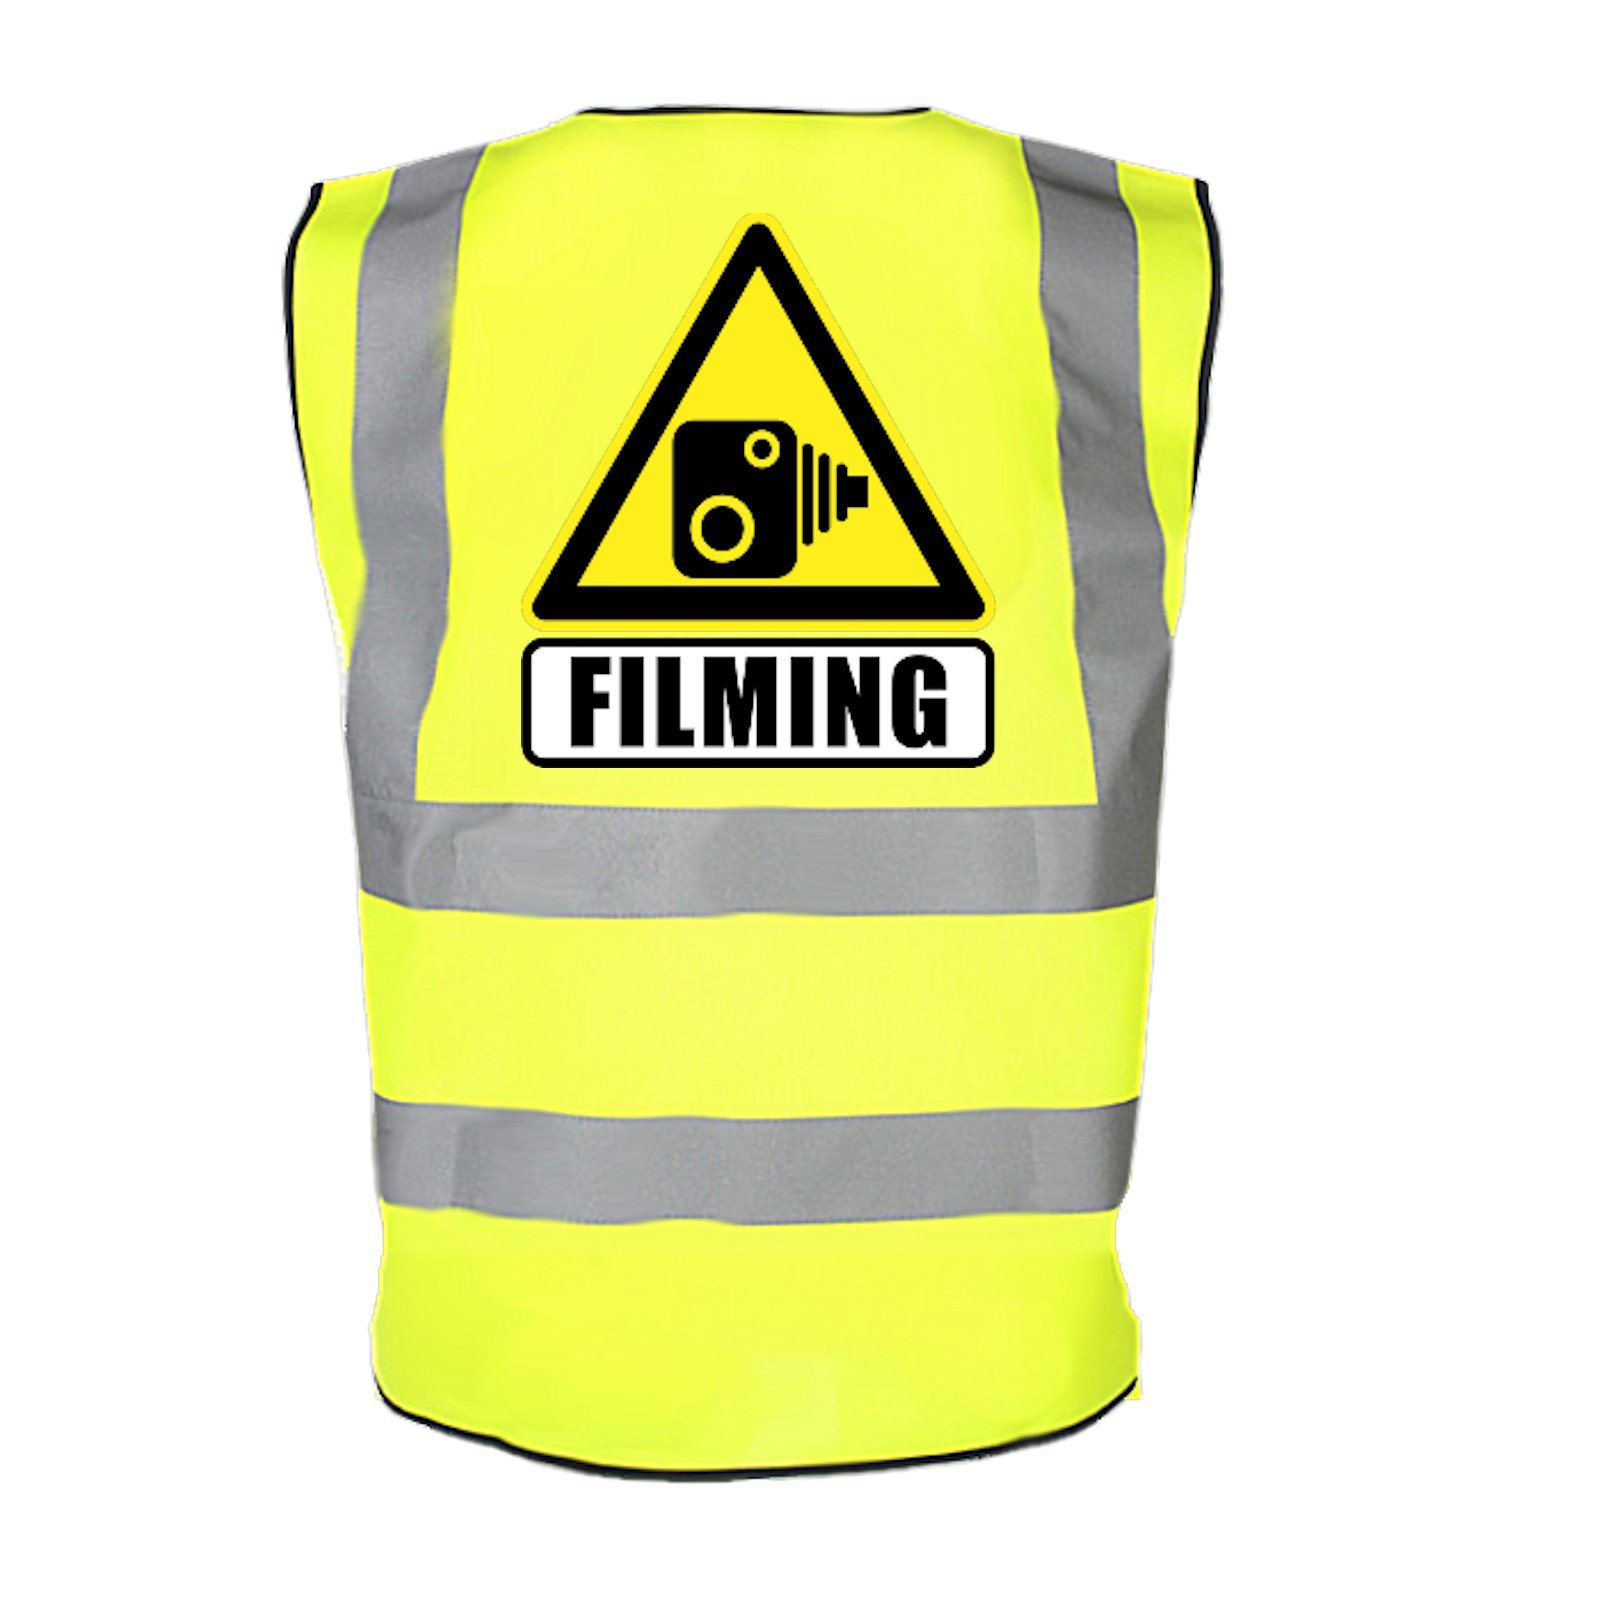 ciclisti camera riprese ad alta visibilit� di sicurezza catarifrangente avvertimento di pericolo dri